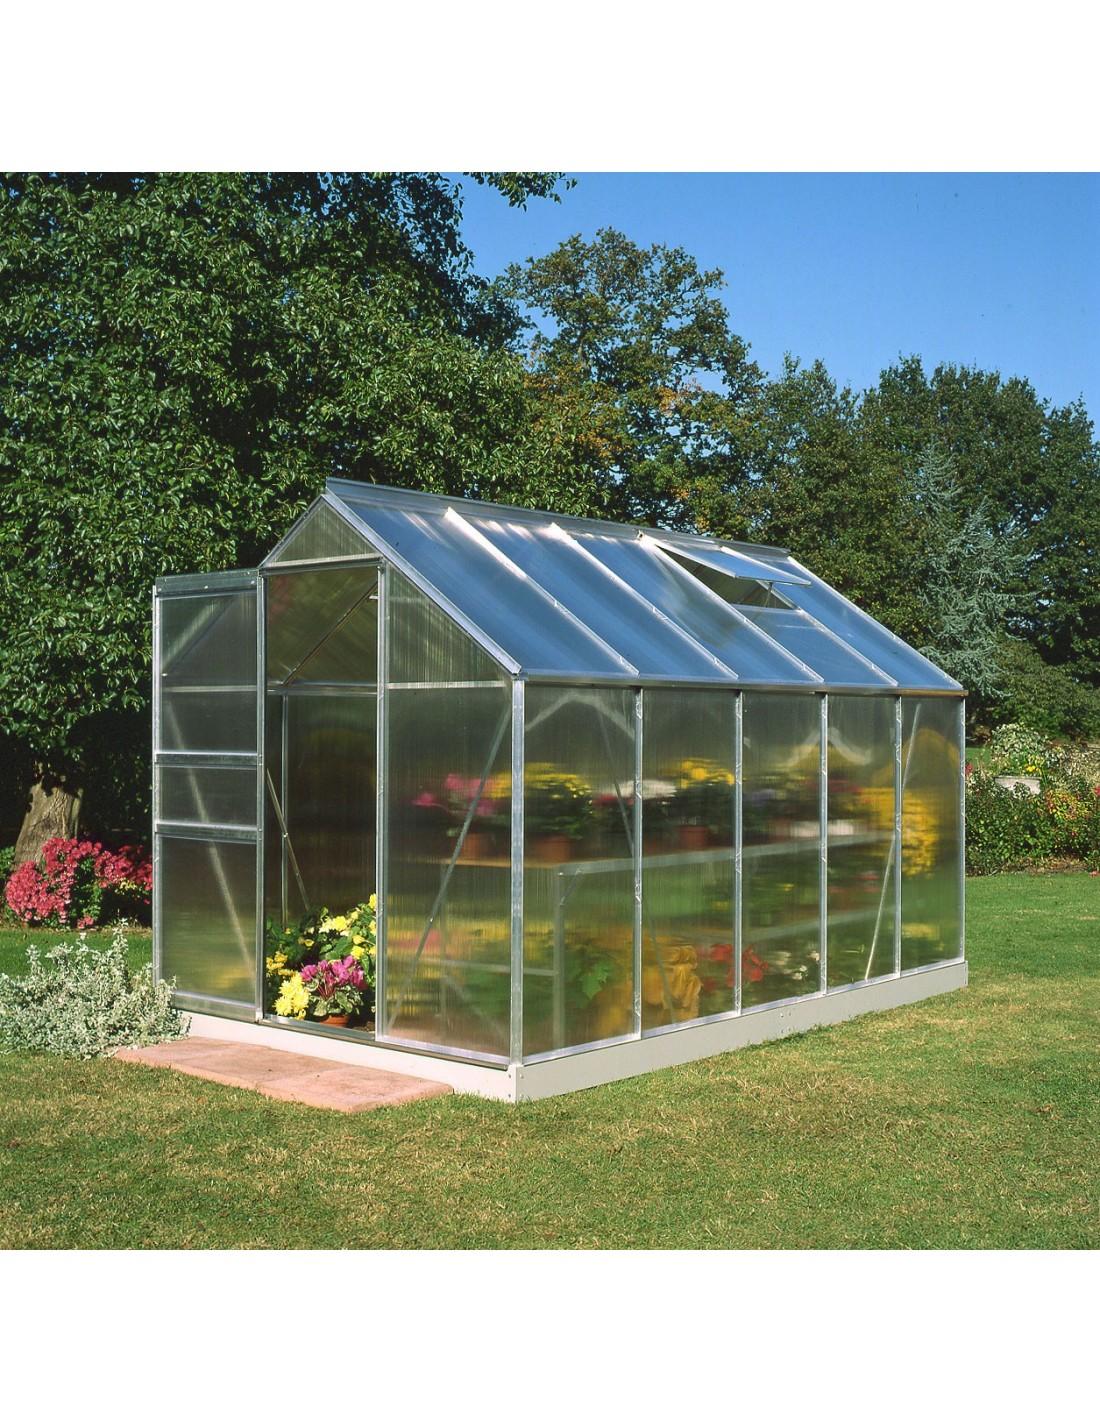 Serre de jardin popular 6 2 m polycarbonate de 4 mm - Polycarbonate serre de jardin ...